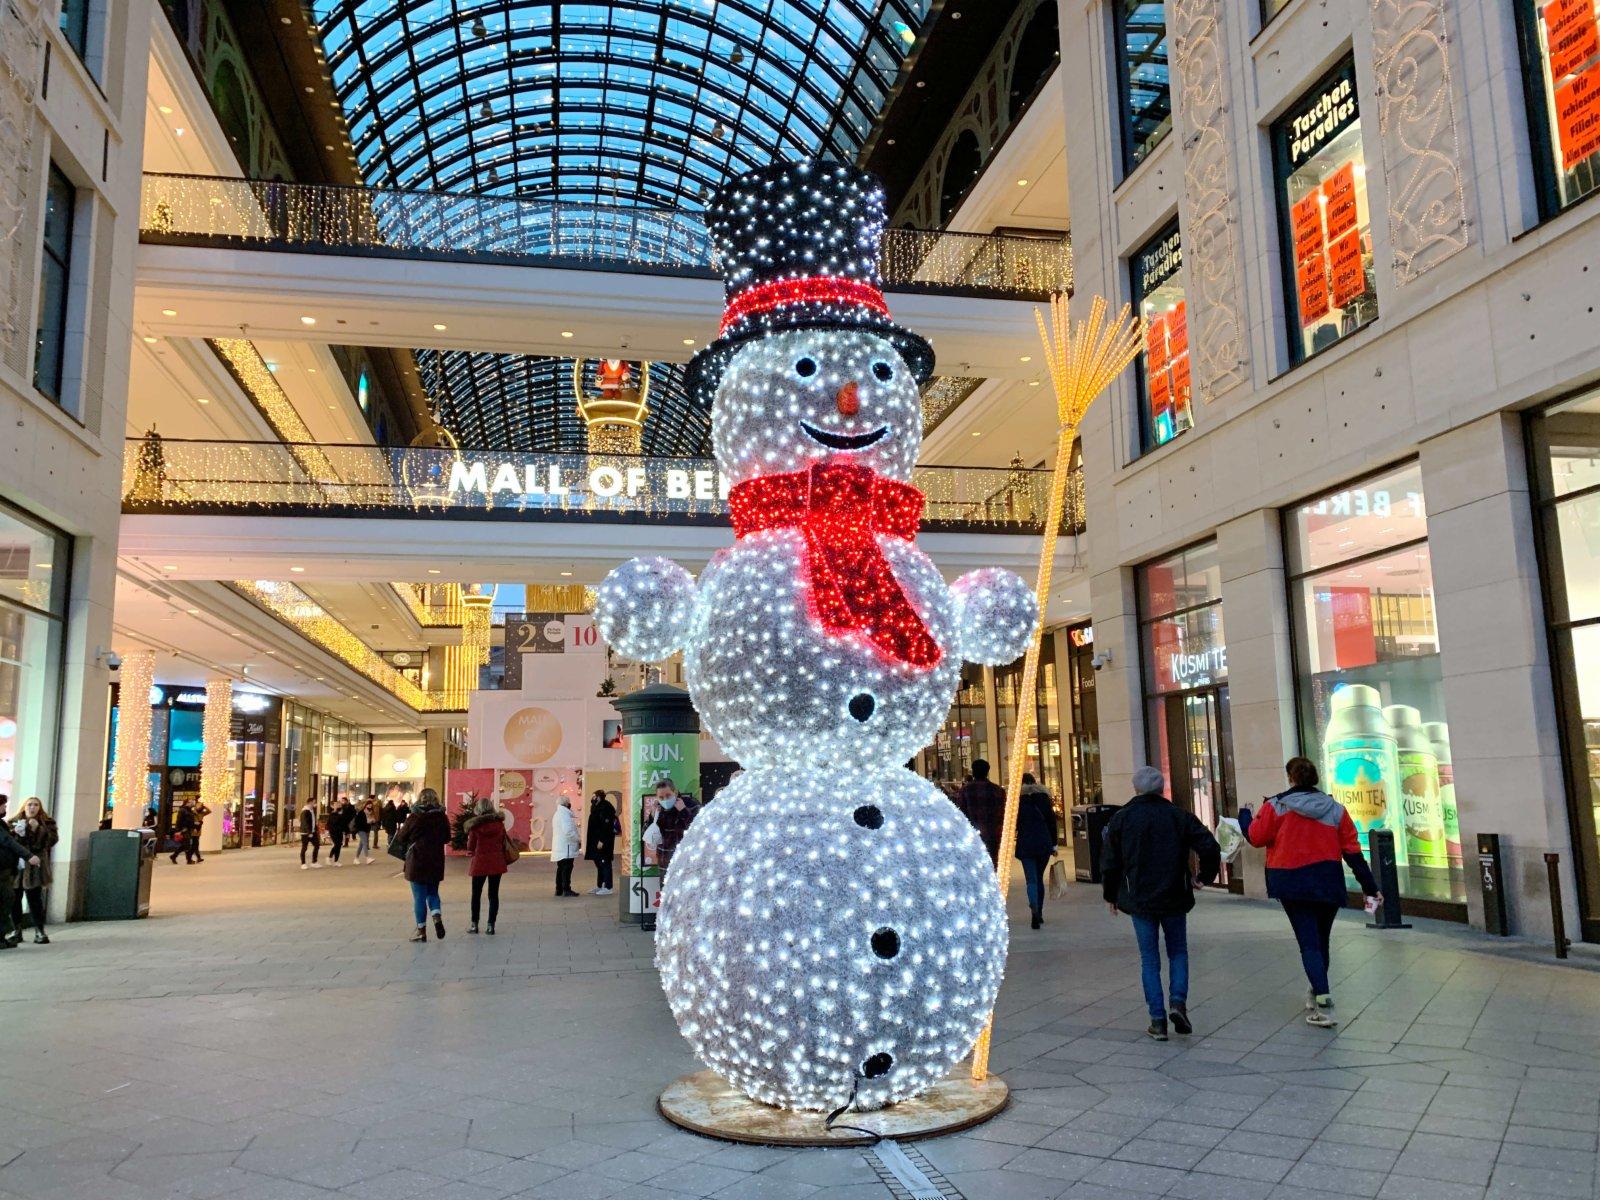 1日下午,柏林市中心一家商場內客流稀少。